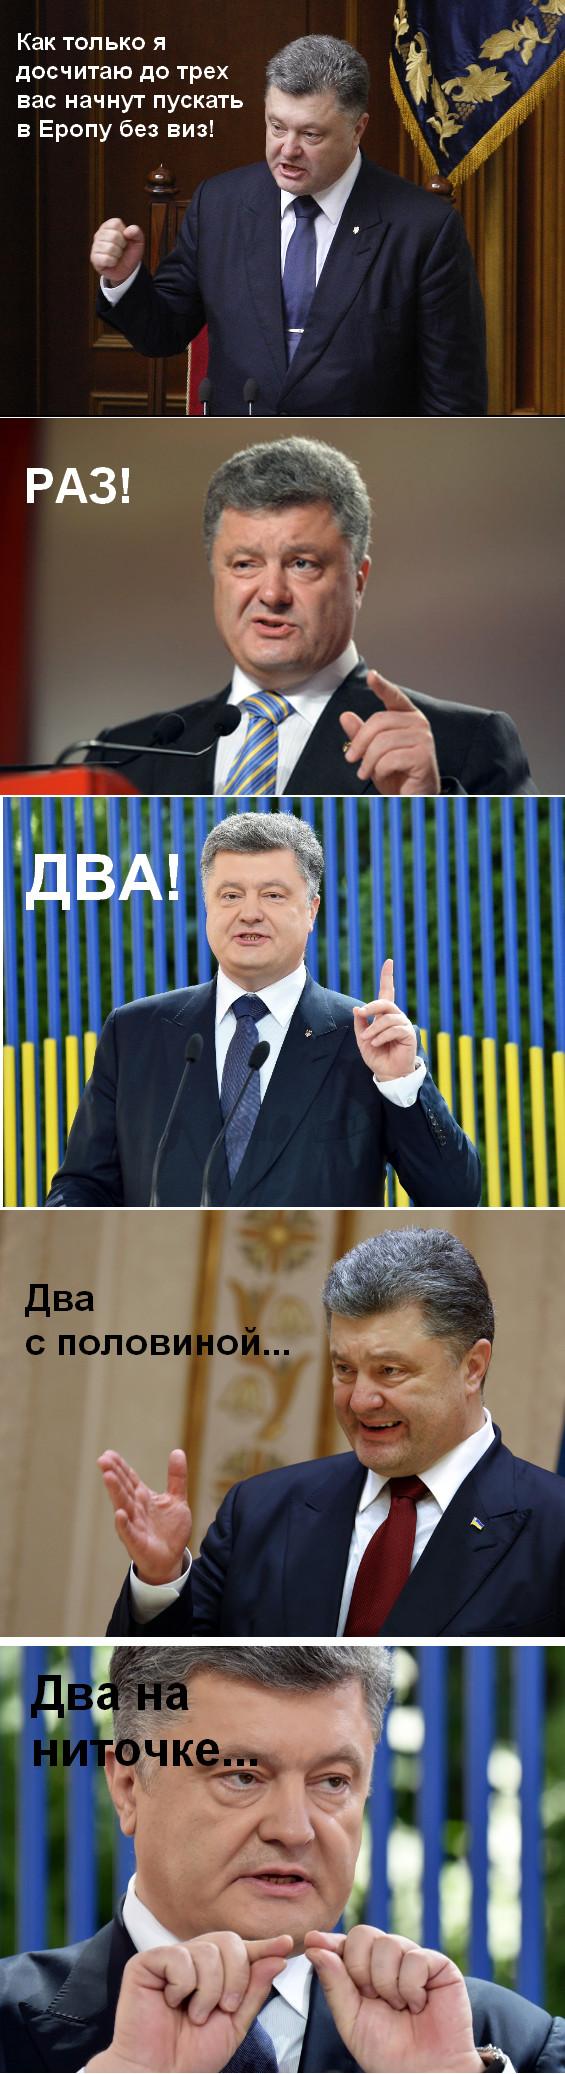 Безвизовый режим Украина, Политика, Петр Порошенко, Грустный юмор, Длиннопост